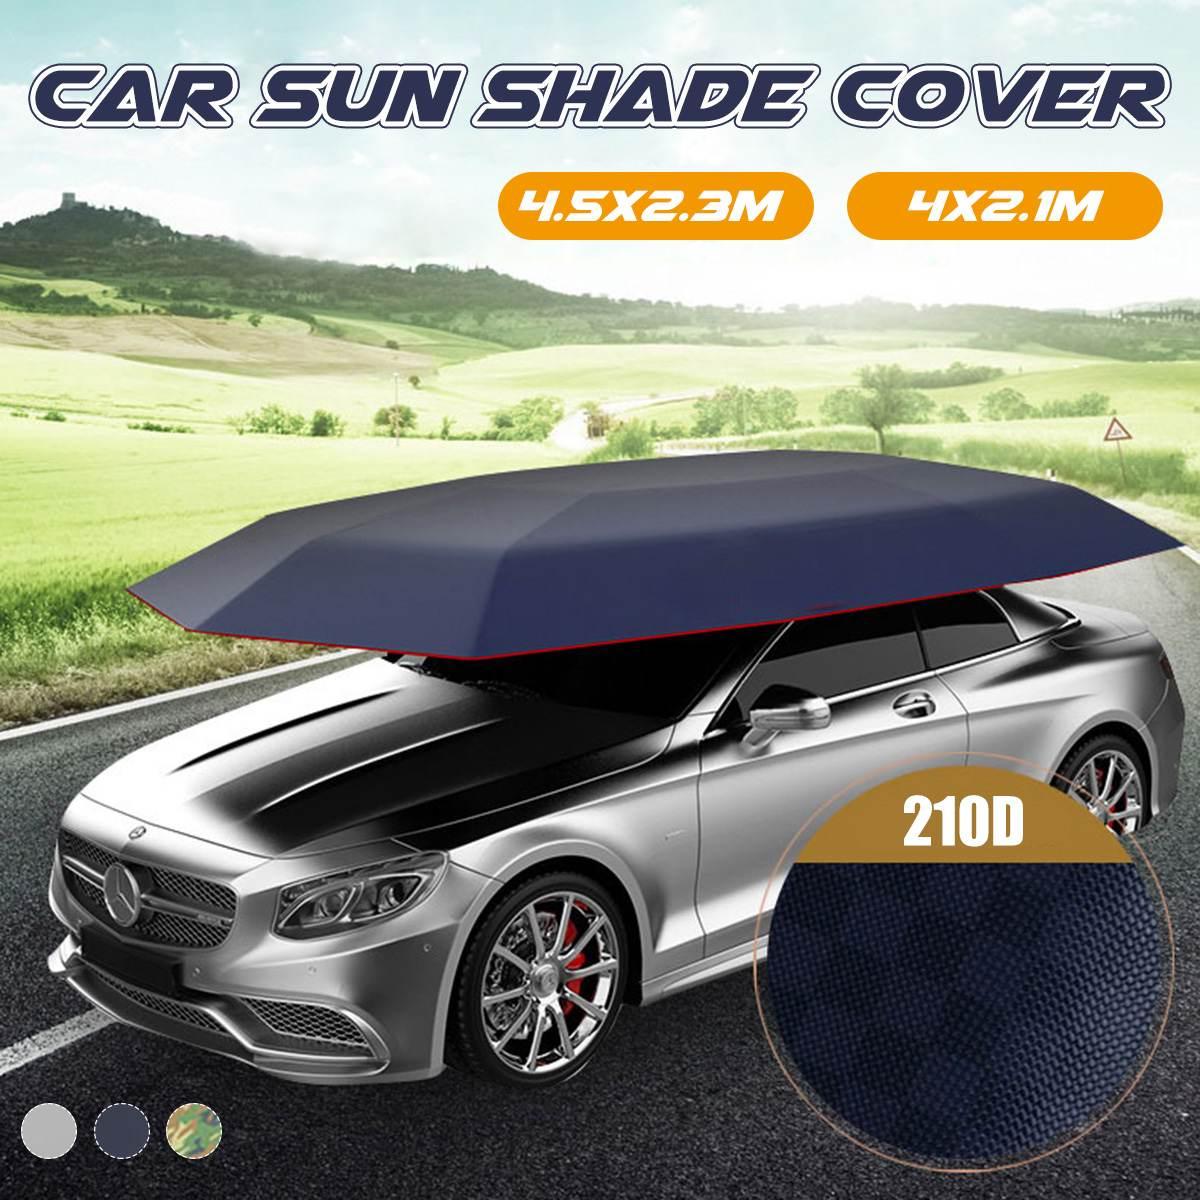 Imperméable à l'eau Anti UV extérieur voiture véhicule tente parapluie parasol couverture de toit voiture parapluie soleil ombre tissu sans support